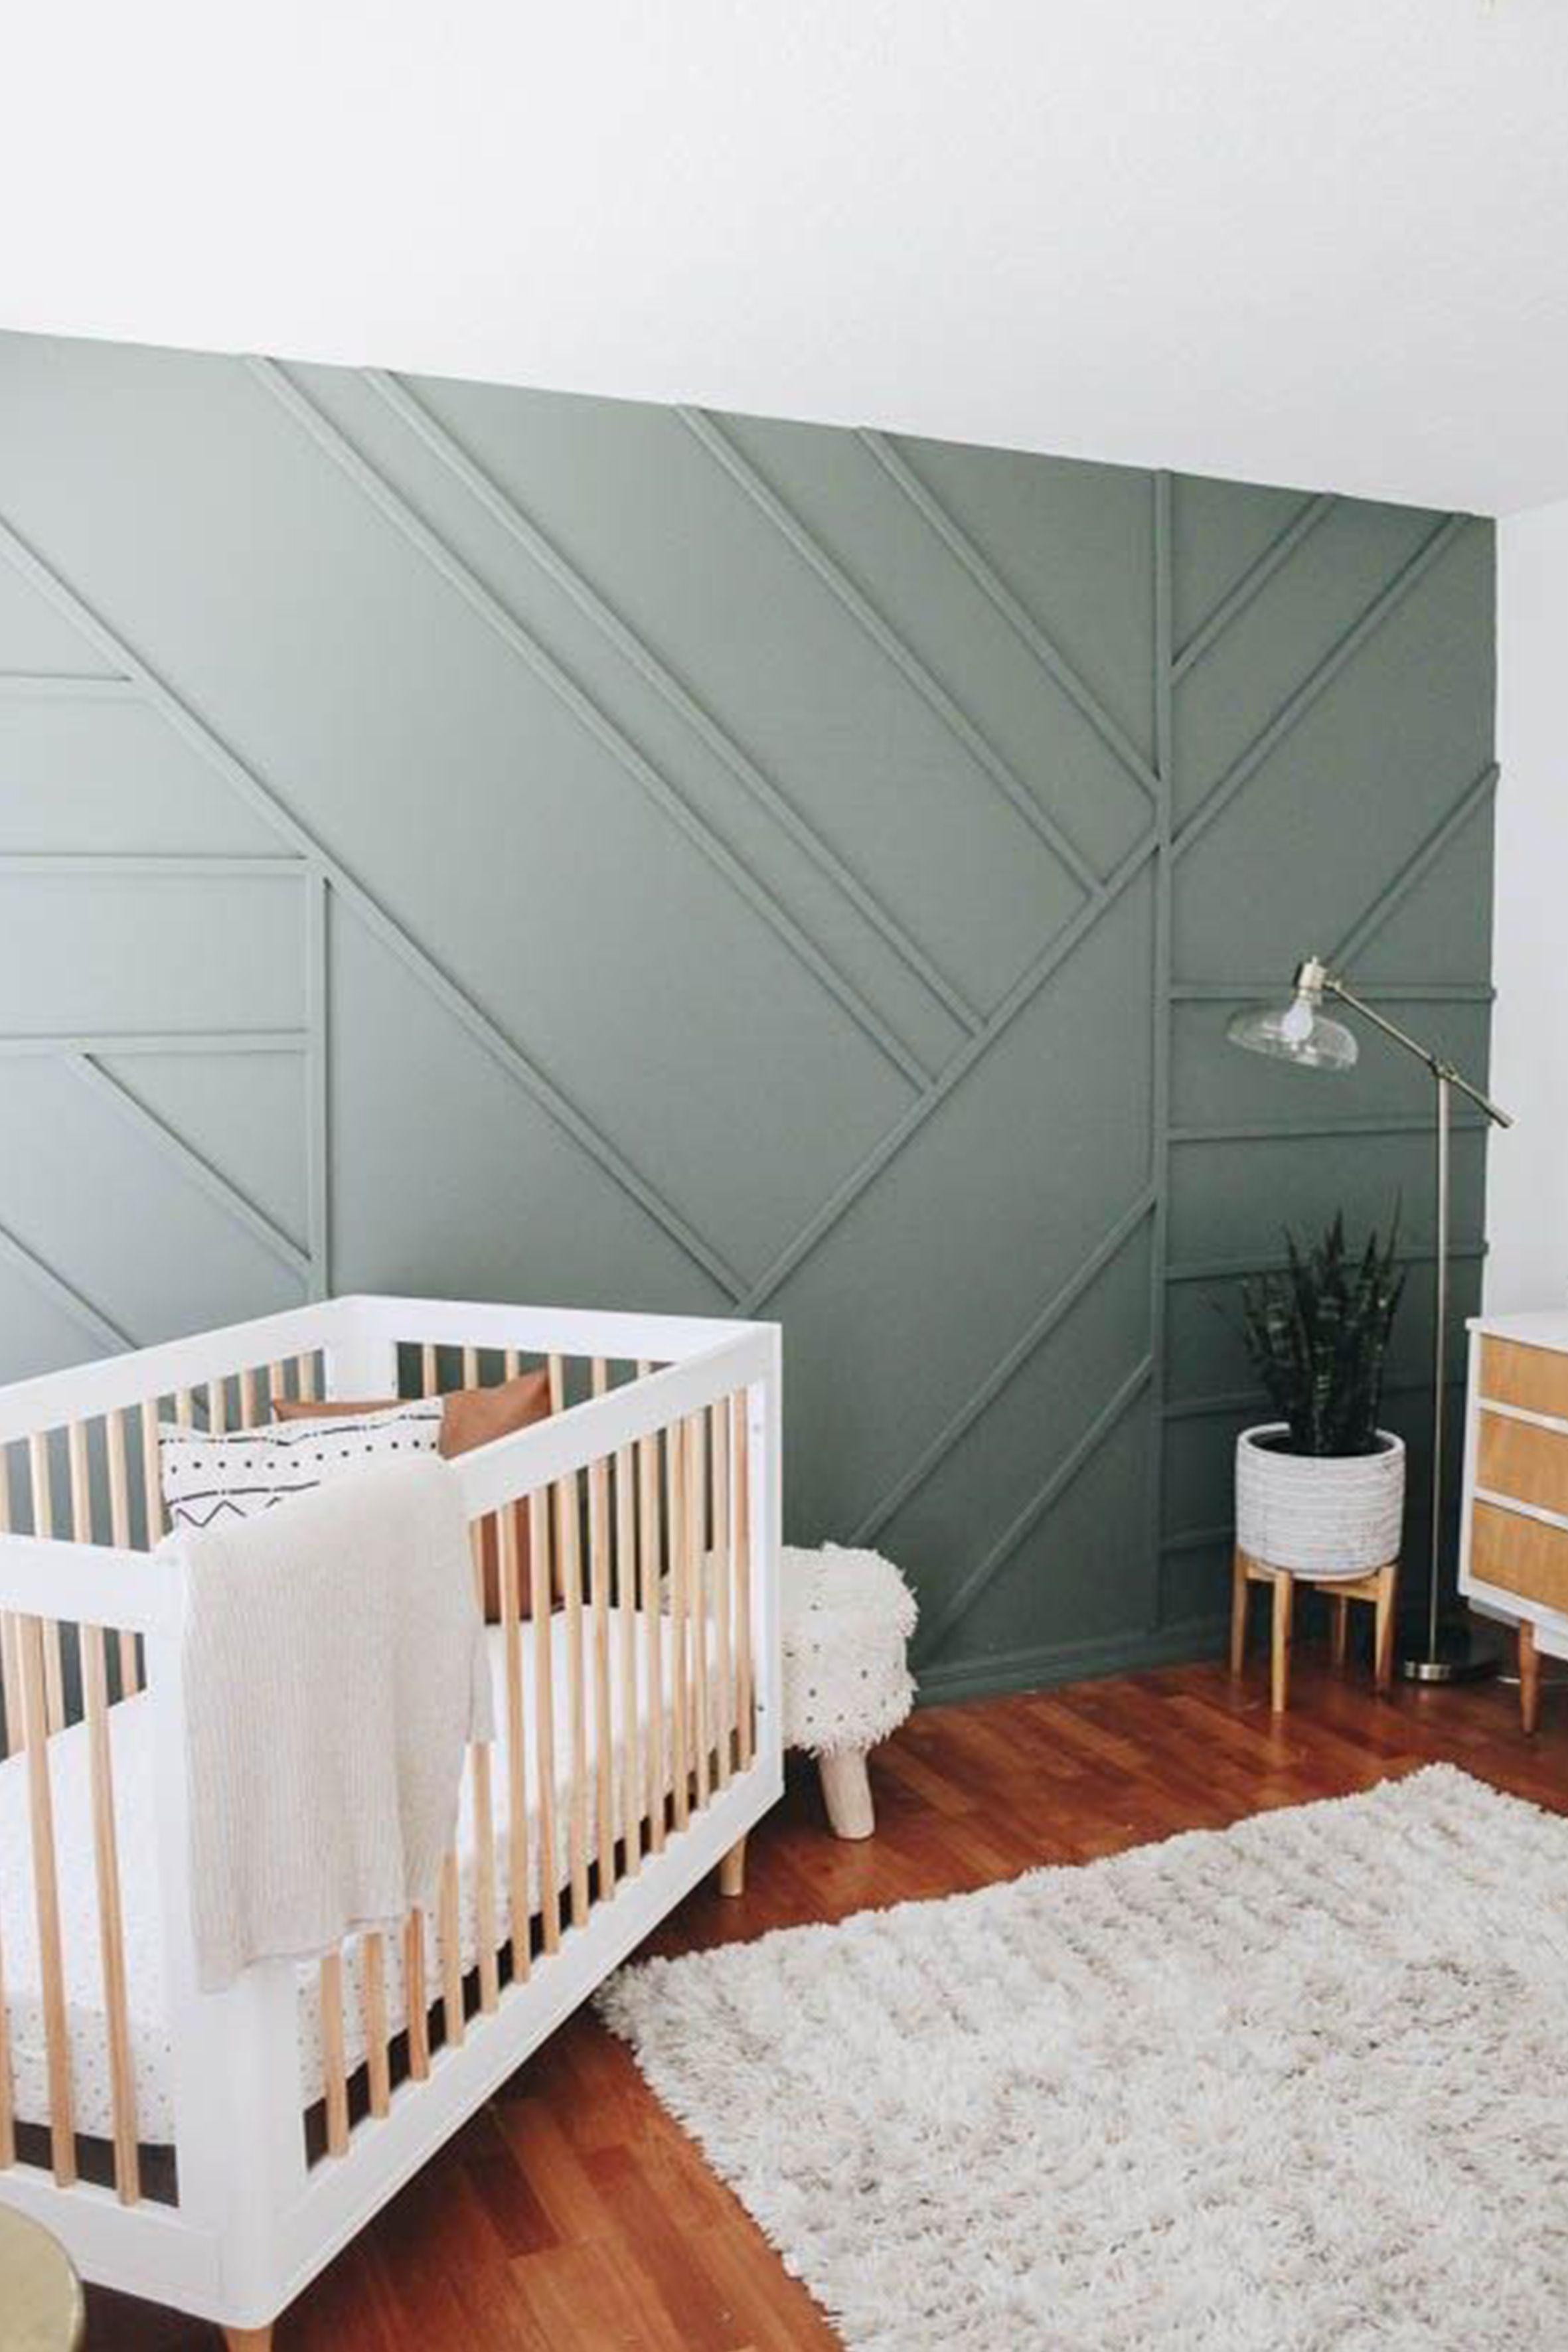 Déco chambre bébé  Decoration mur chambre, Déco chambre bébé